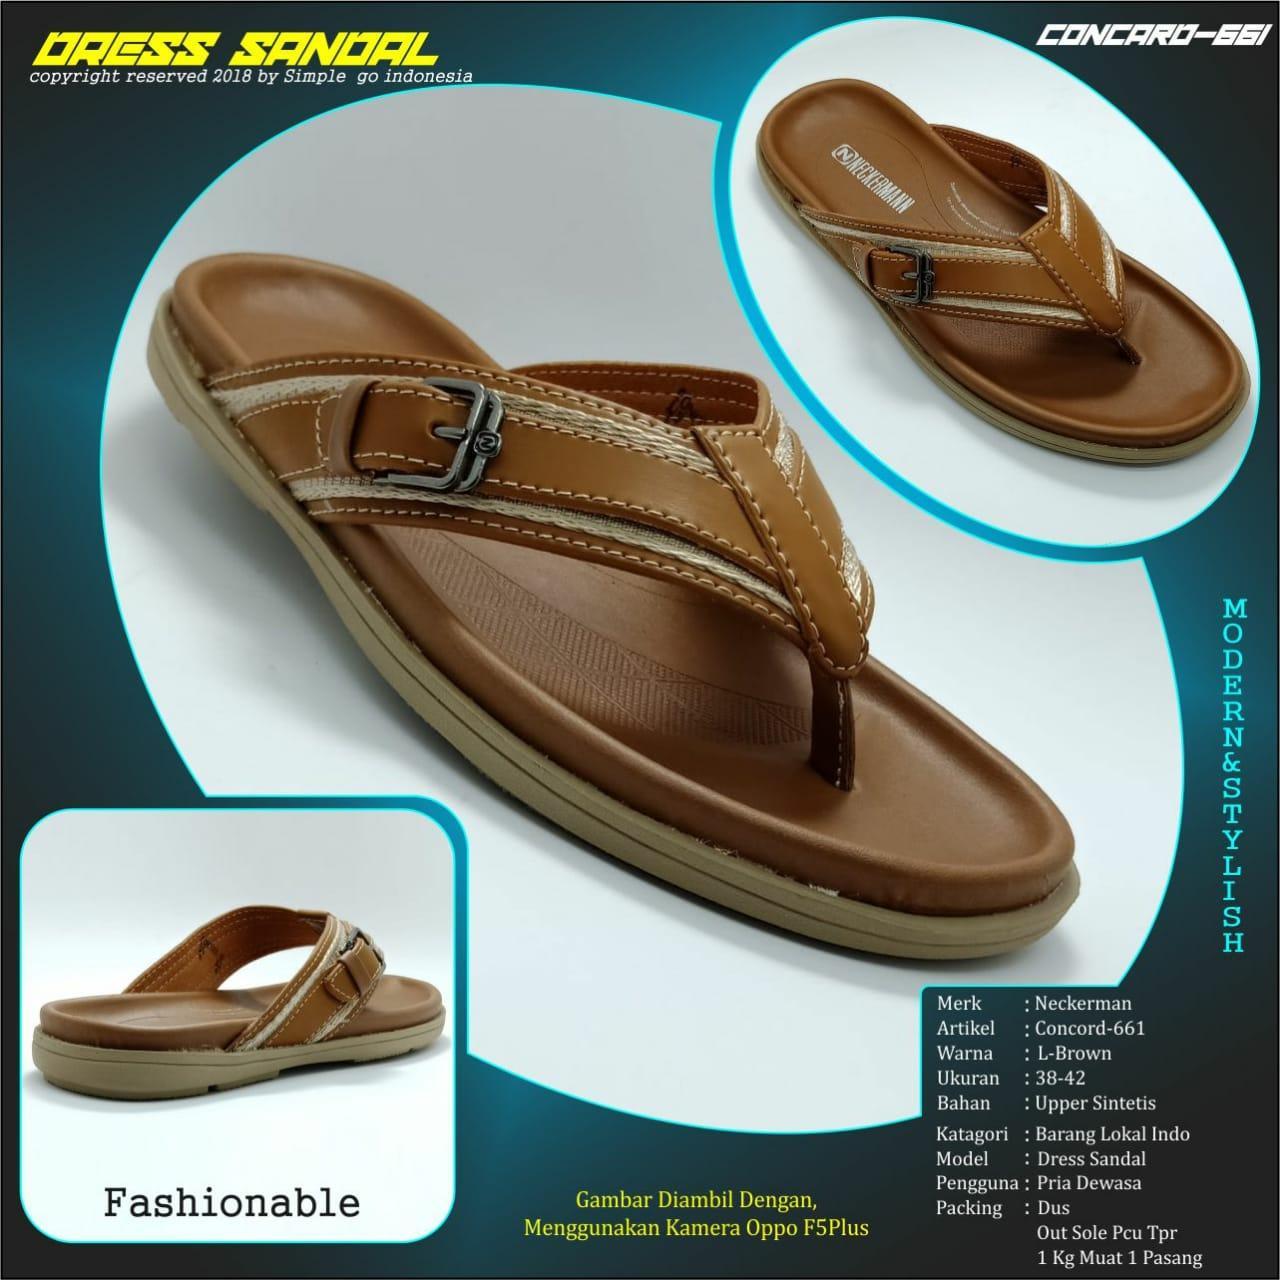 Neckerman sandal casual pria concord 661 brown 38-43